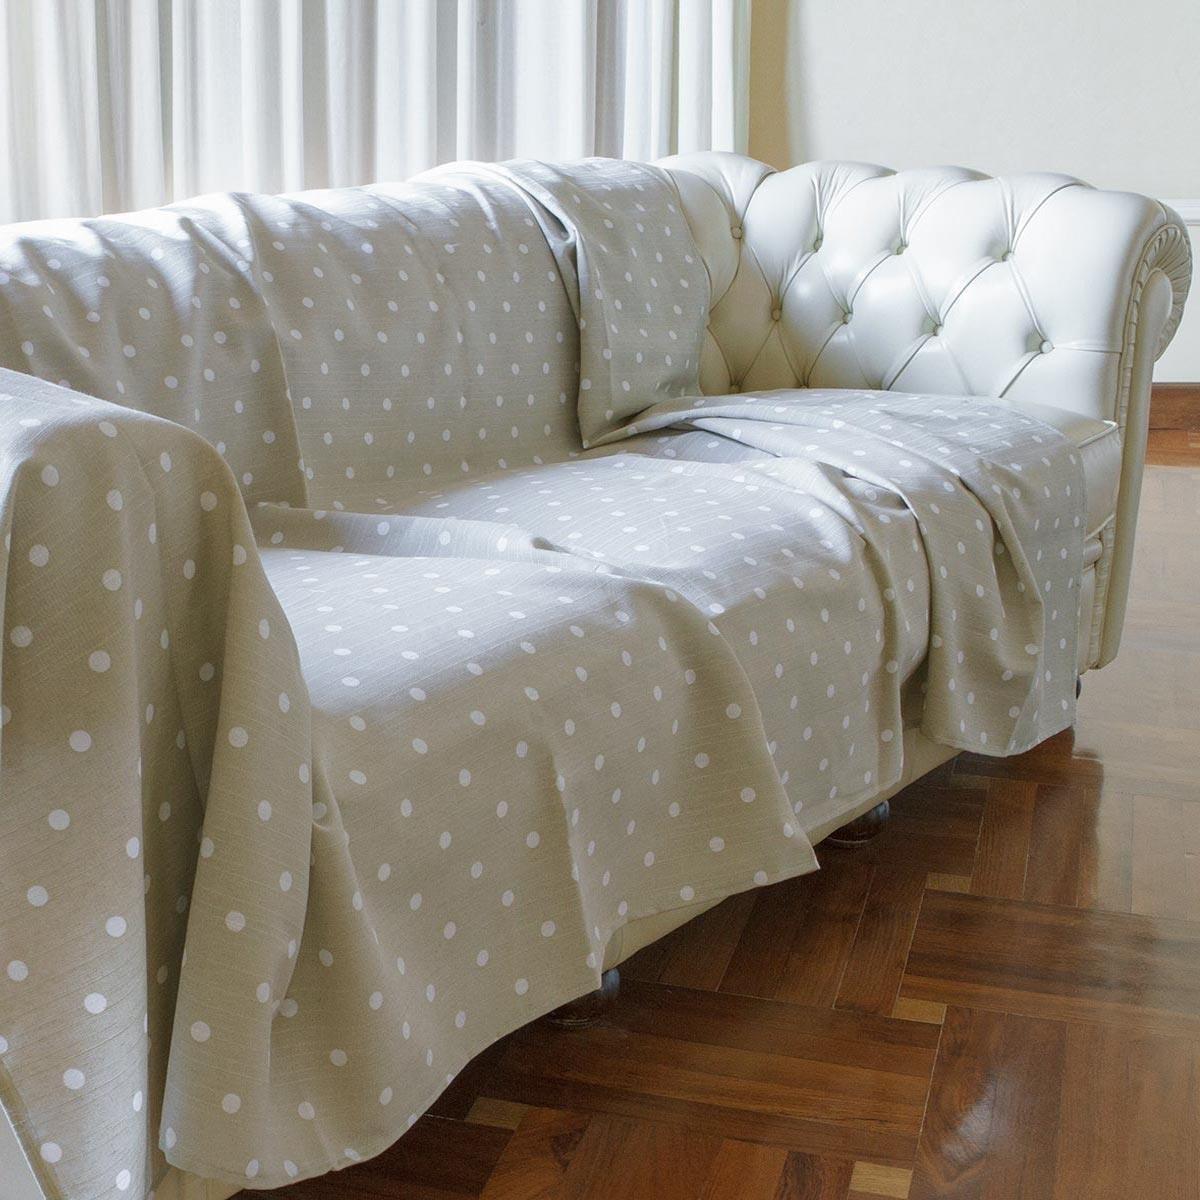 Migliore telo copridivano opinioni e prezzi sul mercato for Prezzi per rivestire un divano